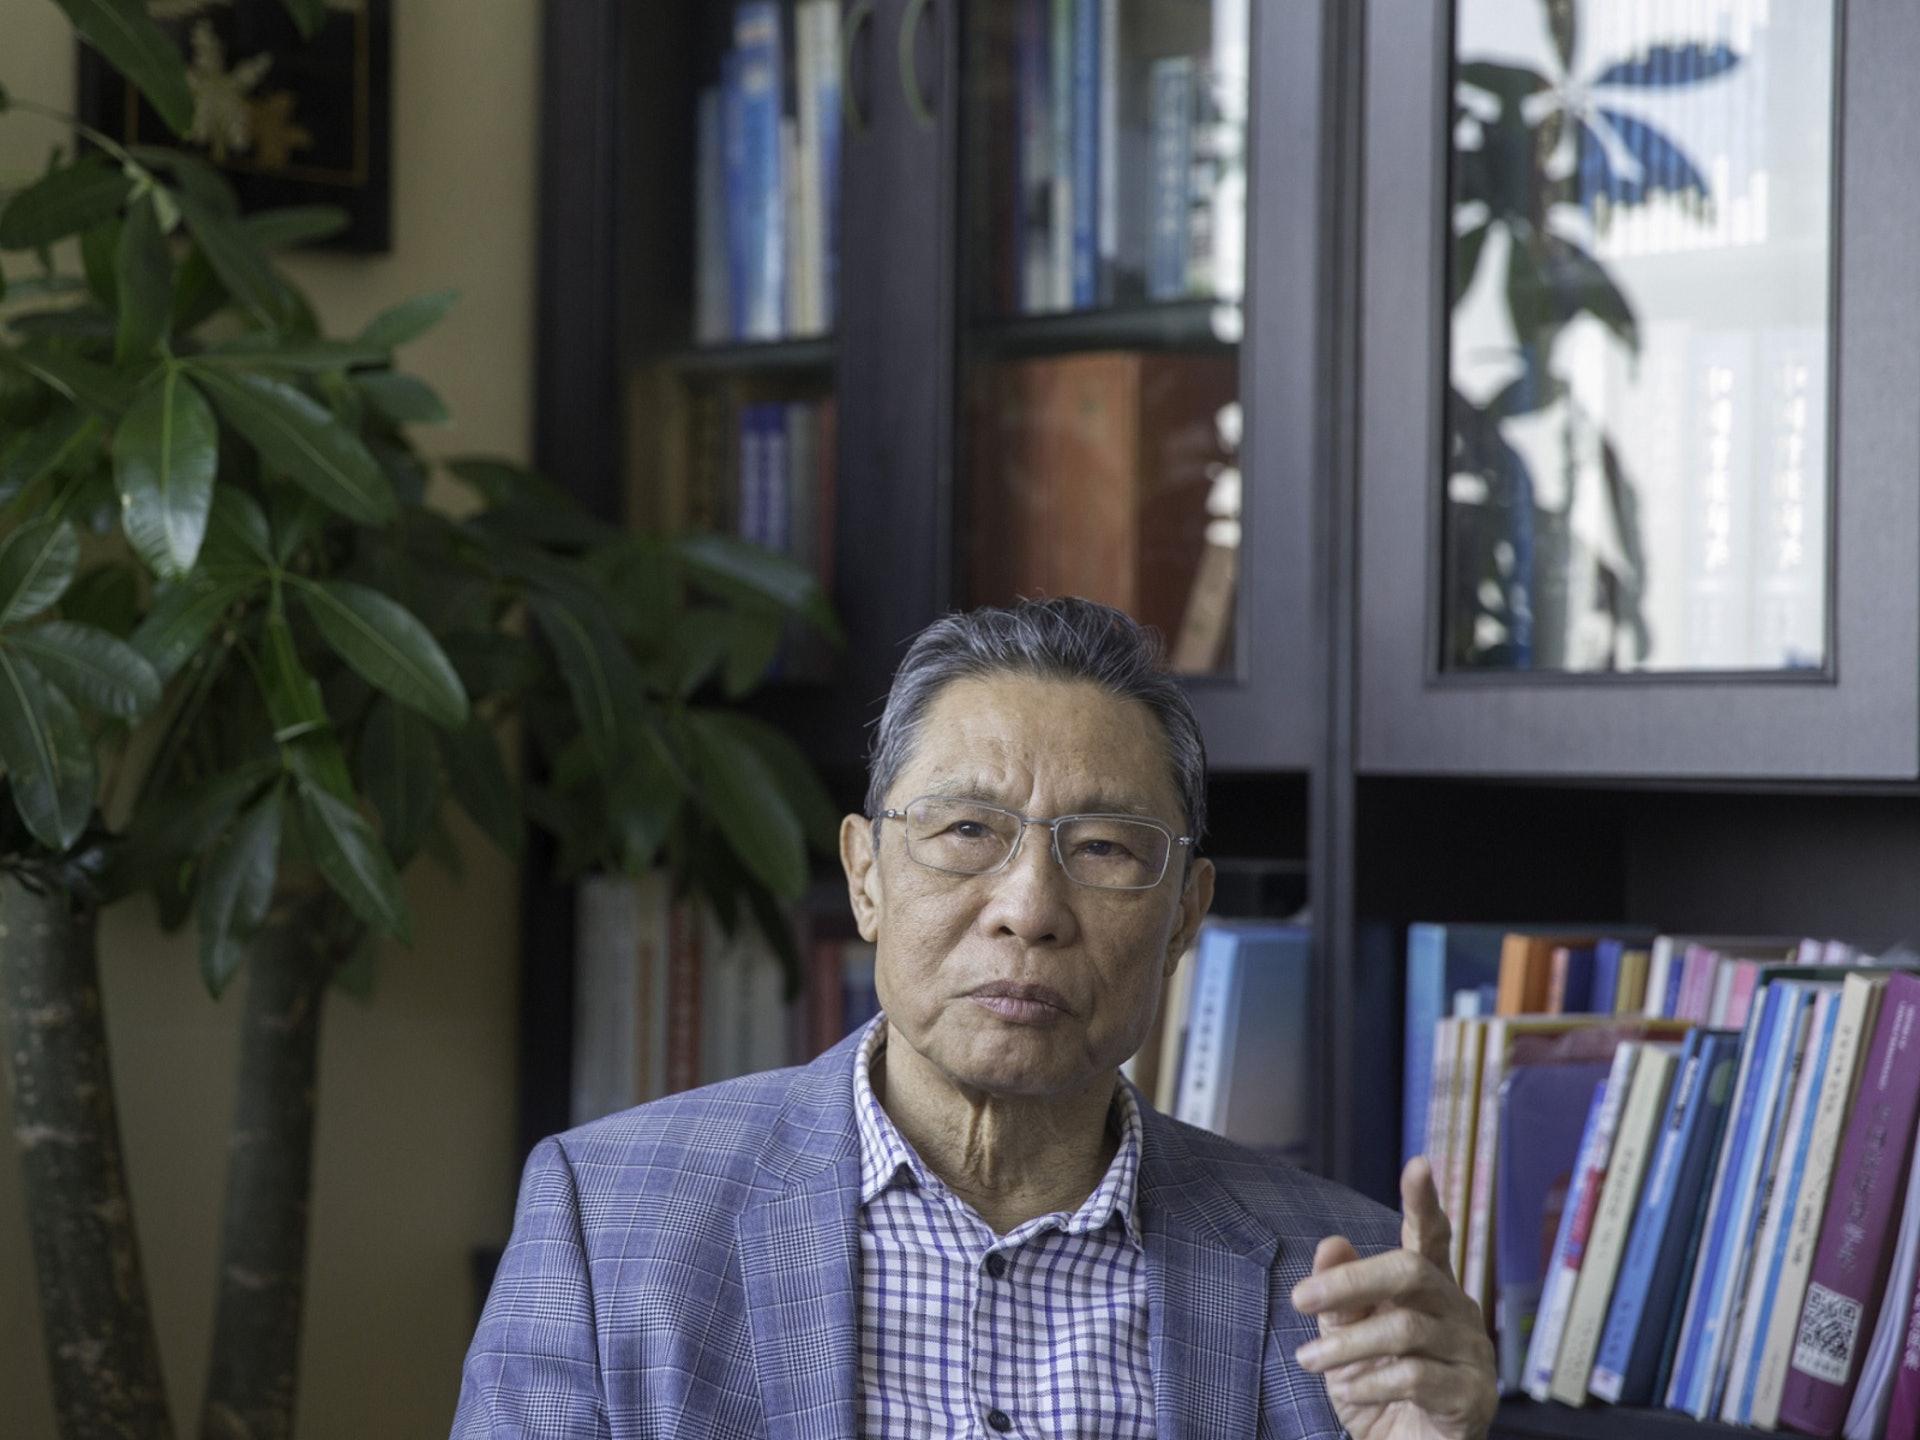 武汉新型冠状病毒的防治备受关注,钟南山再次临危受命,出任中国国家卫生健康委员会高级别专家组组长。(VCG)